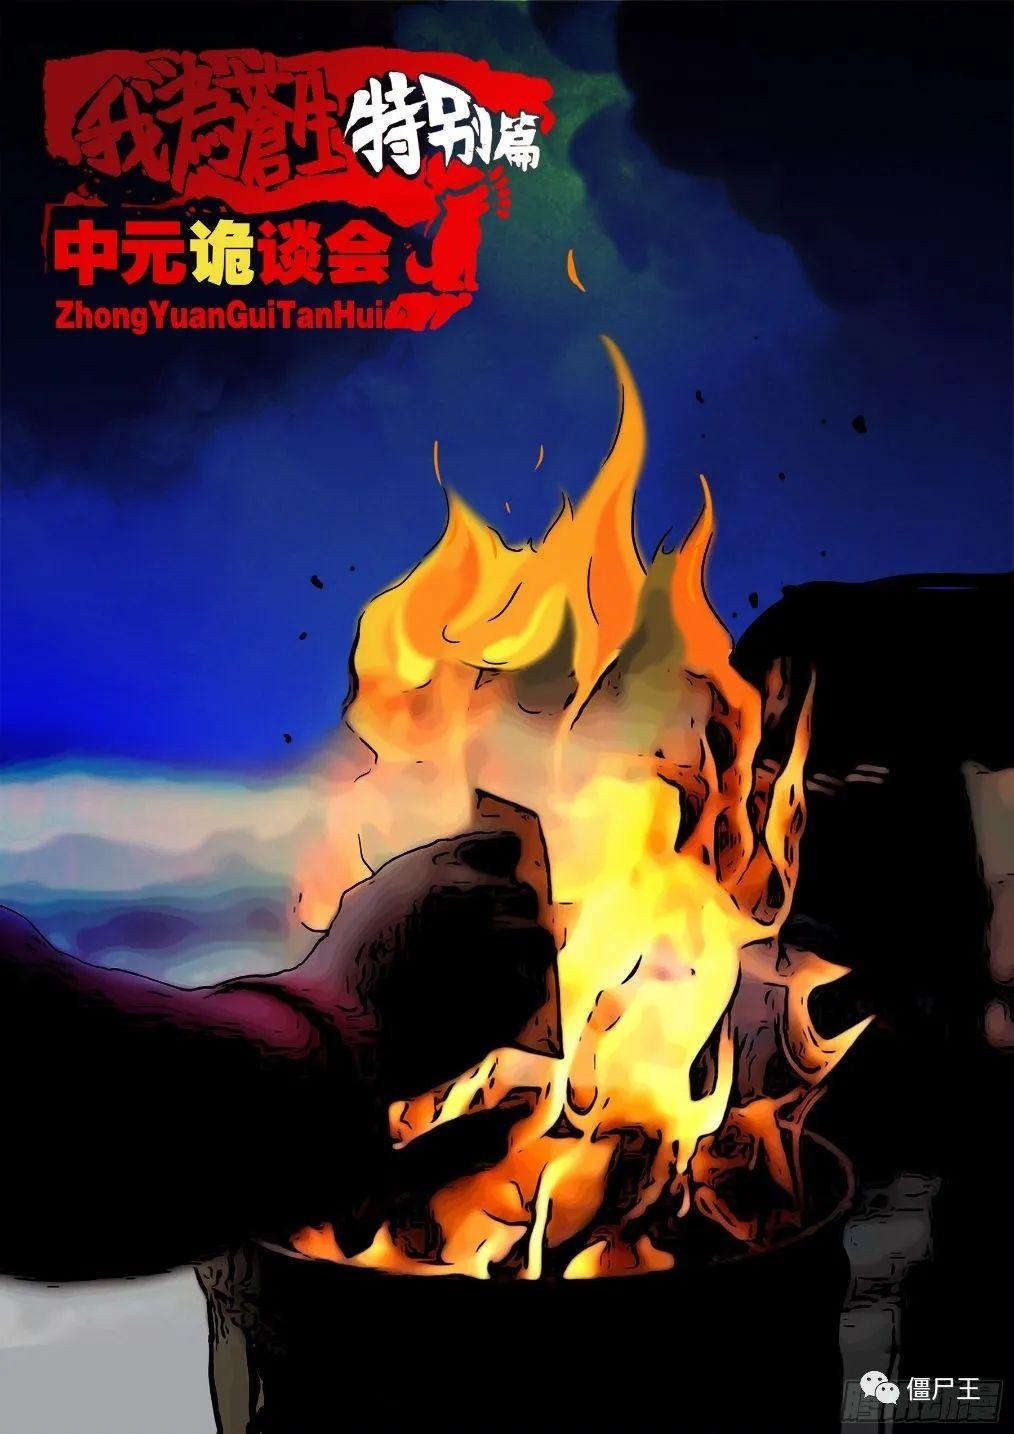 僵尸王漫画:《我为苍生》中元节特别篇